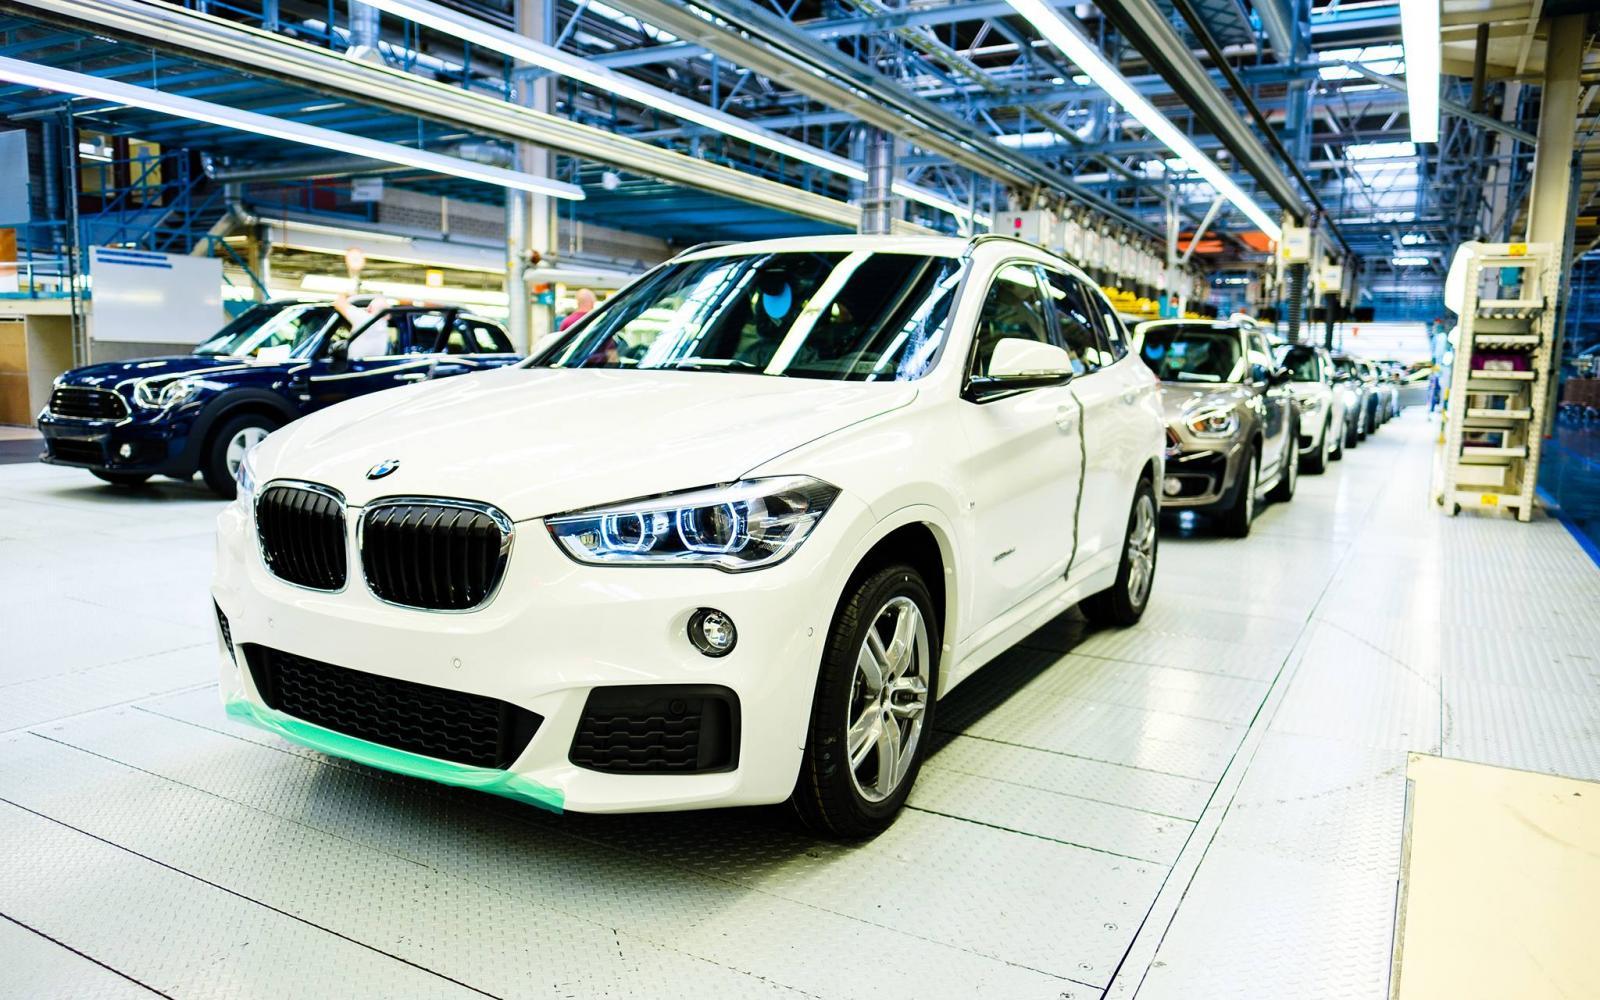 'BMW stopt deels met autoproductie bij Nedcar'